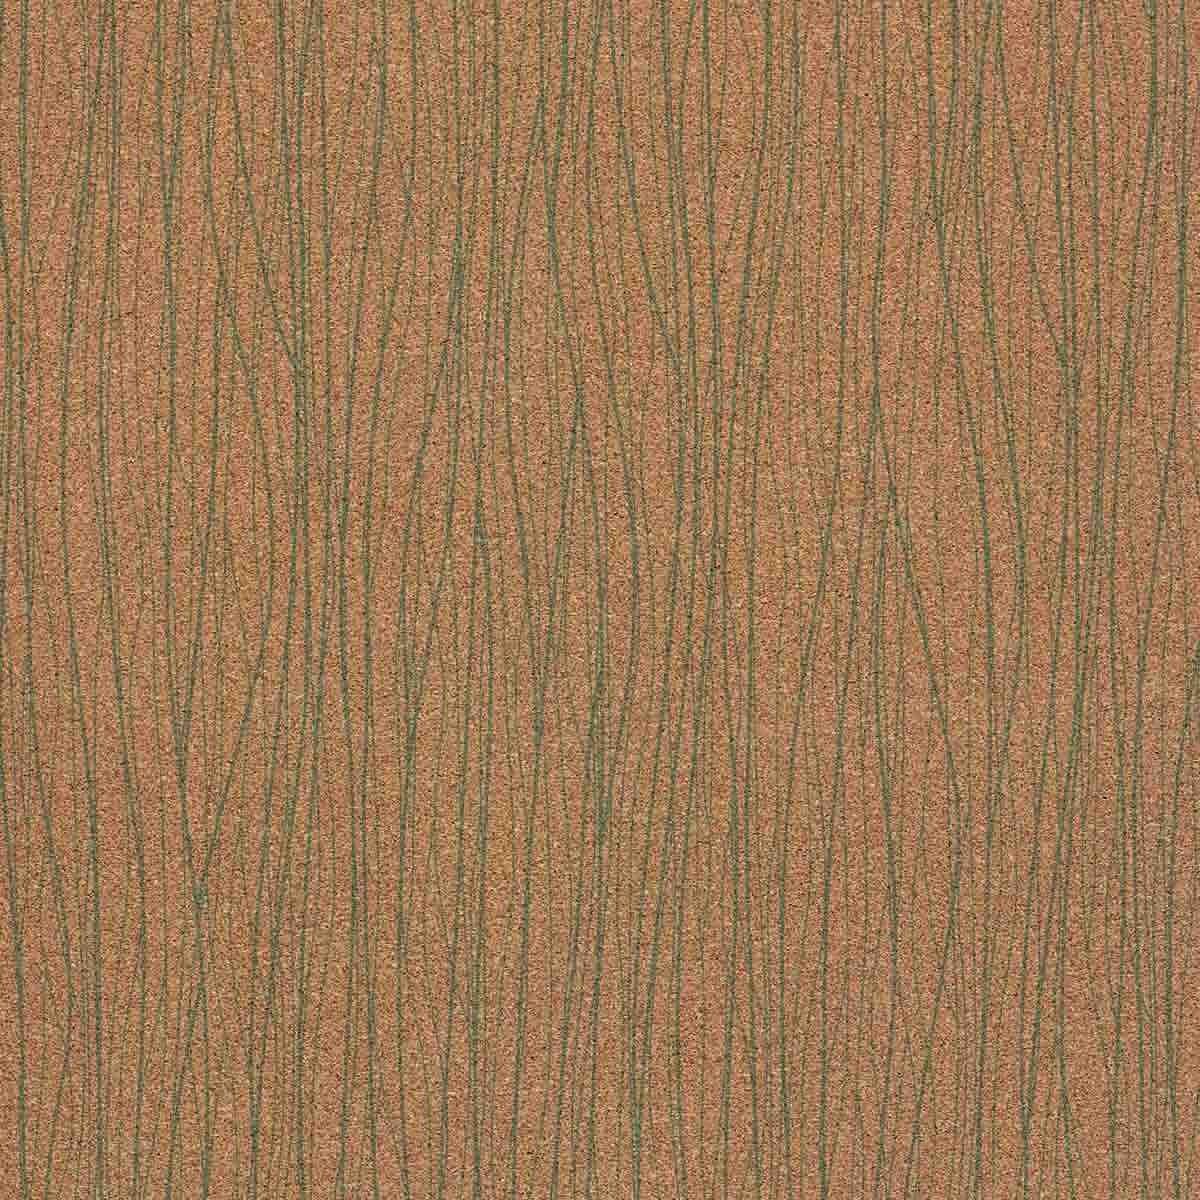 carta da parati in sughero spessore 0,5mm Connect Jade Cork